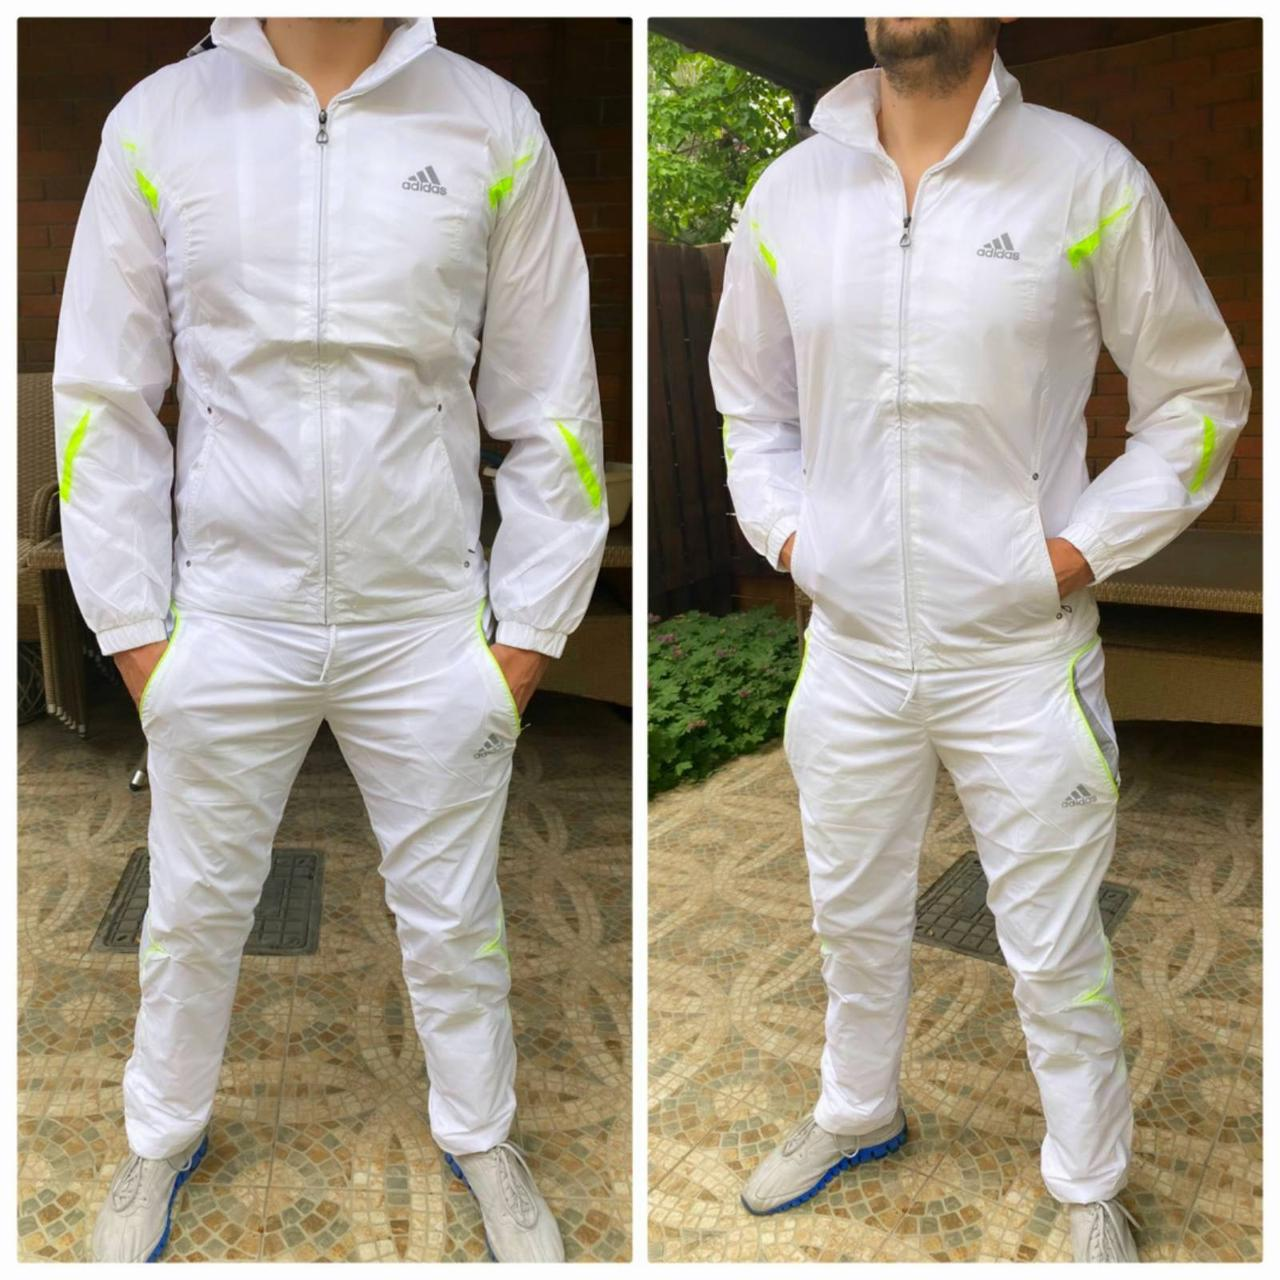 Мужской спортивный костюм Adidas. Размеры: M,L,XL,2XL (полномерные)